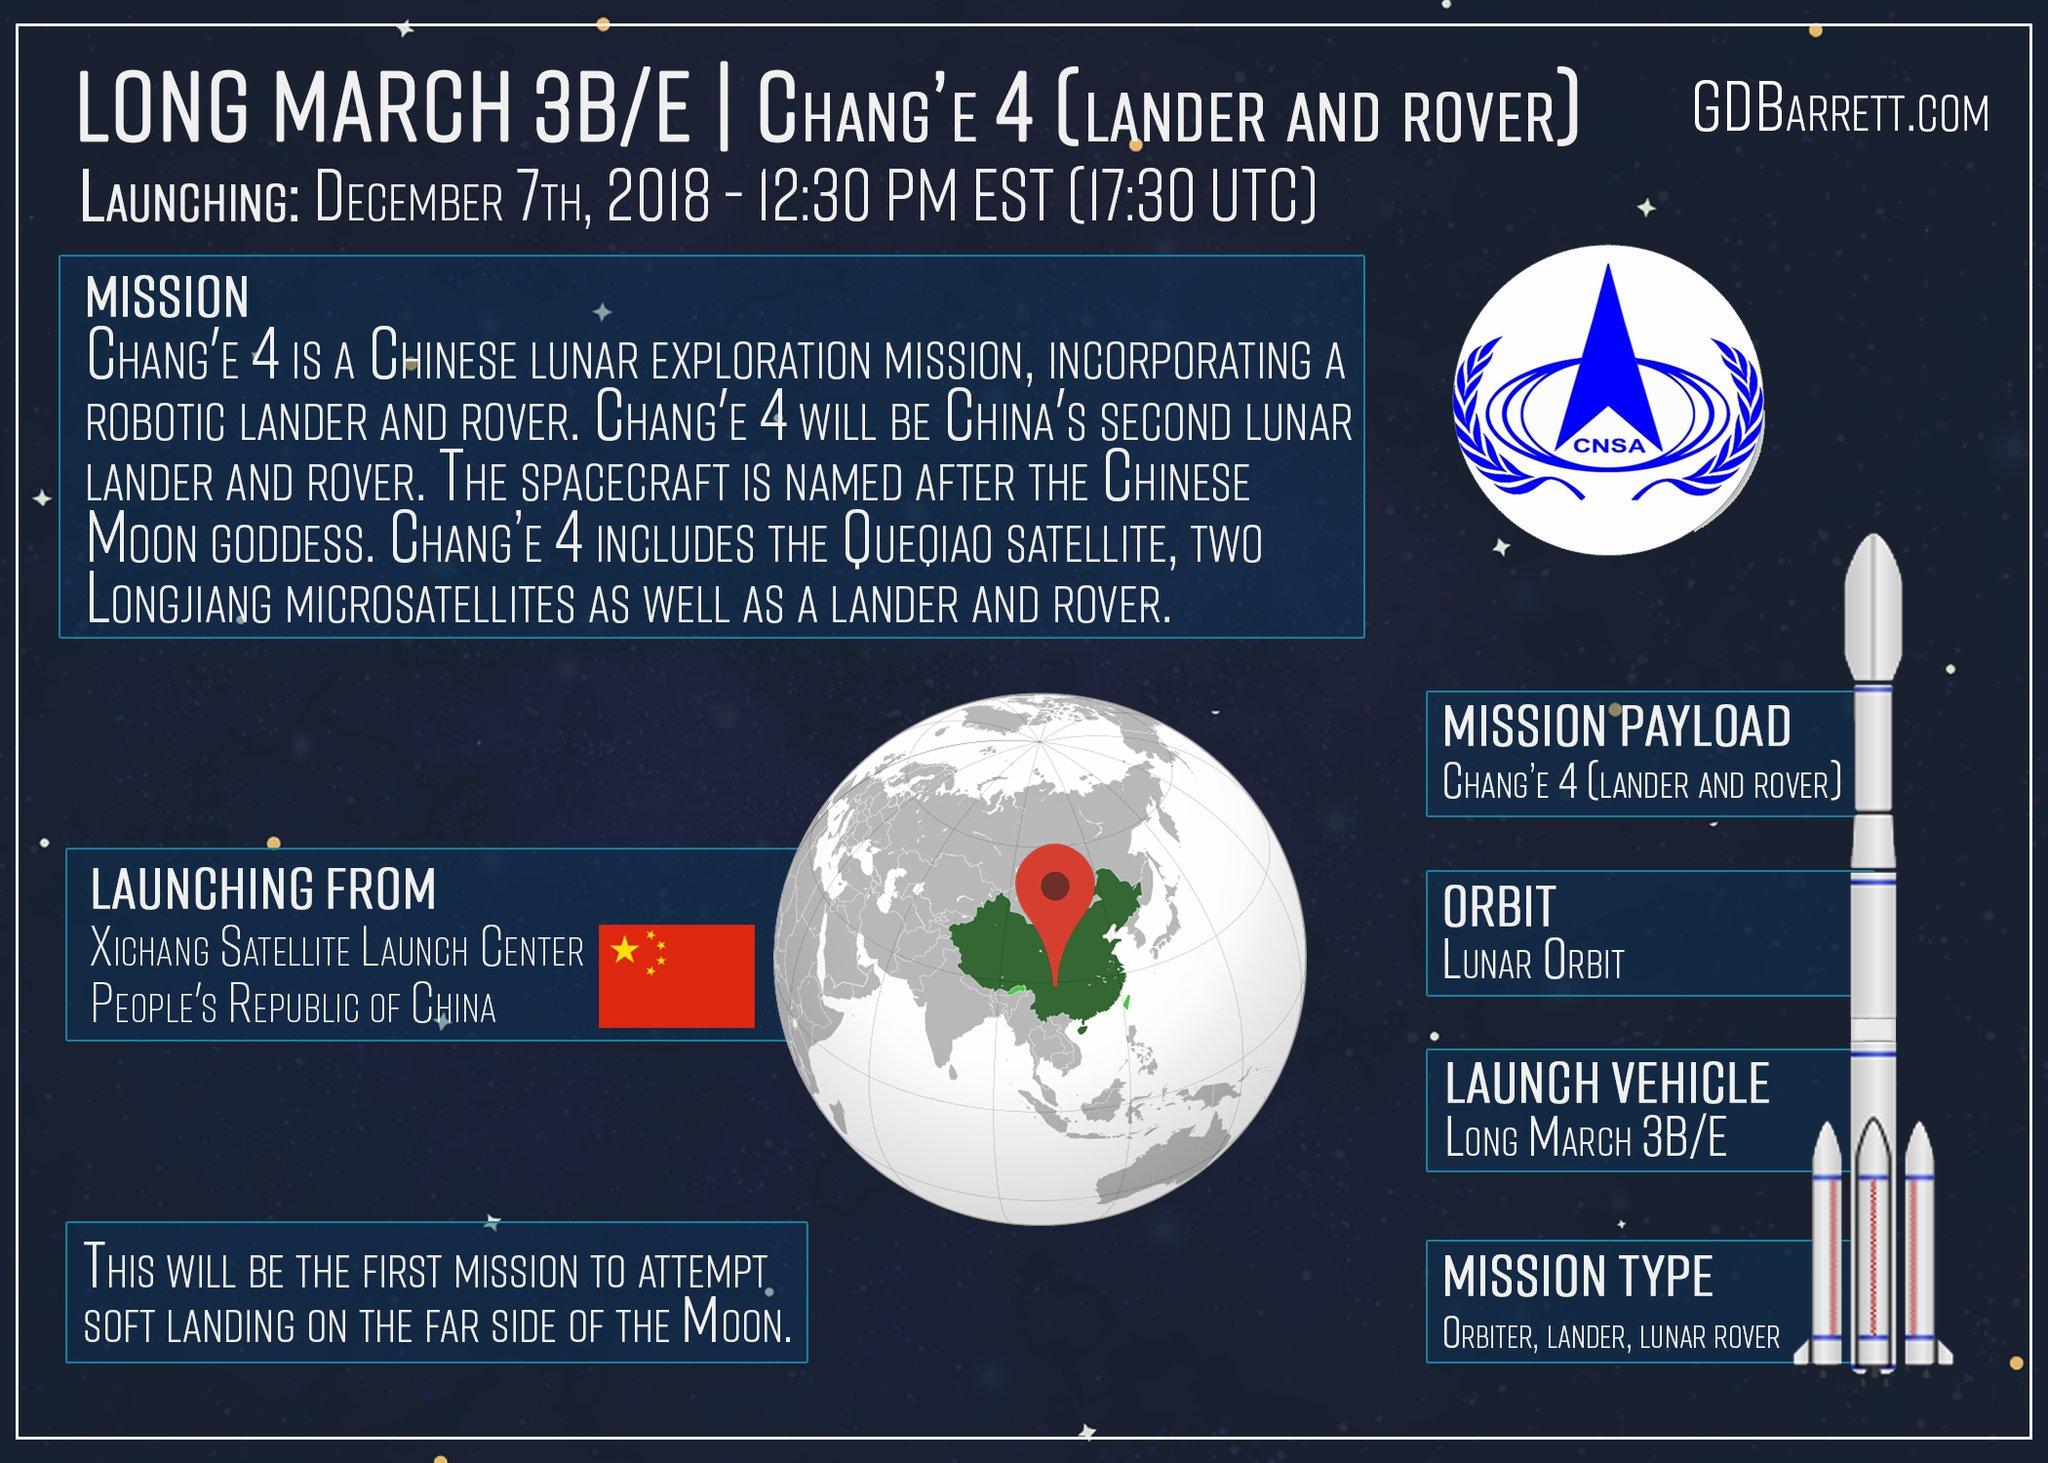 Chang'e 4 Lander/Rover